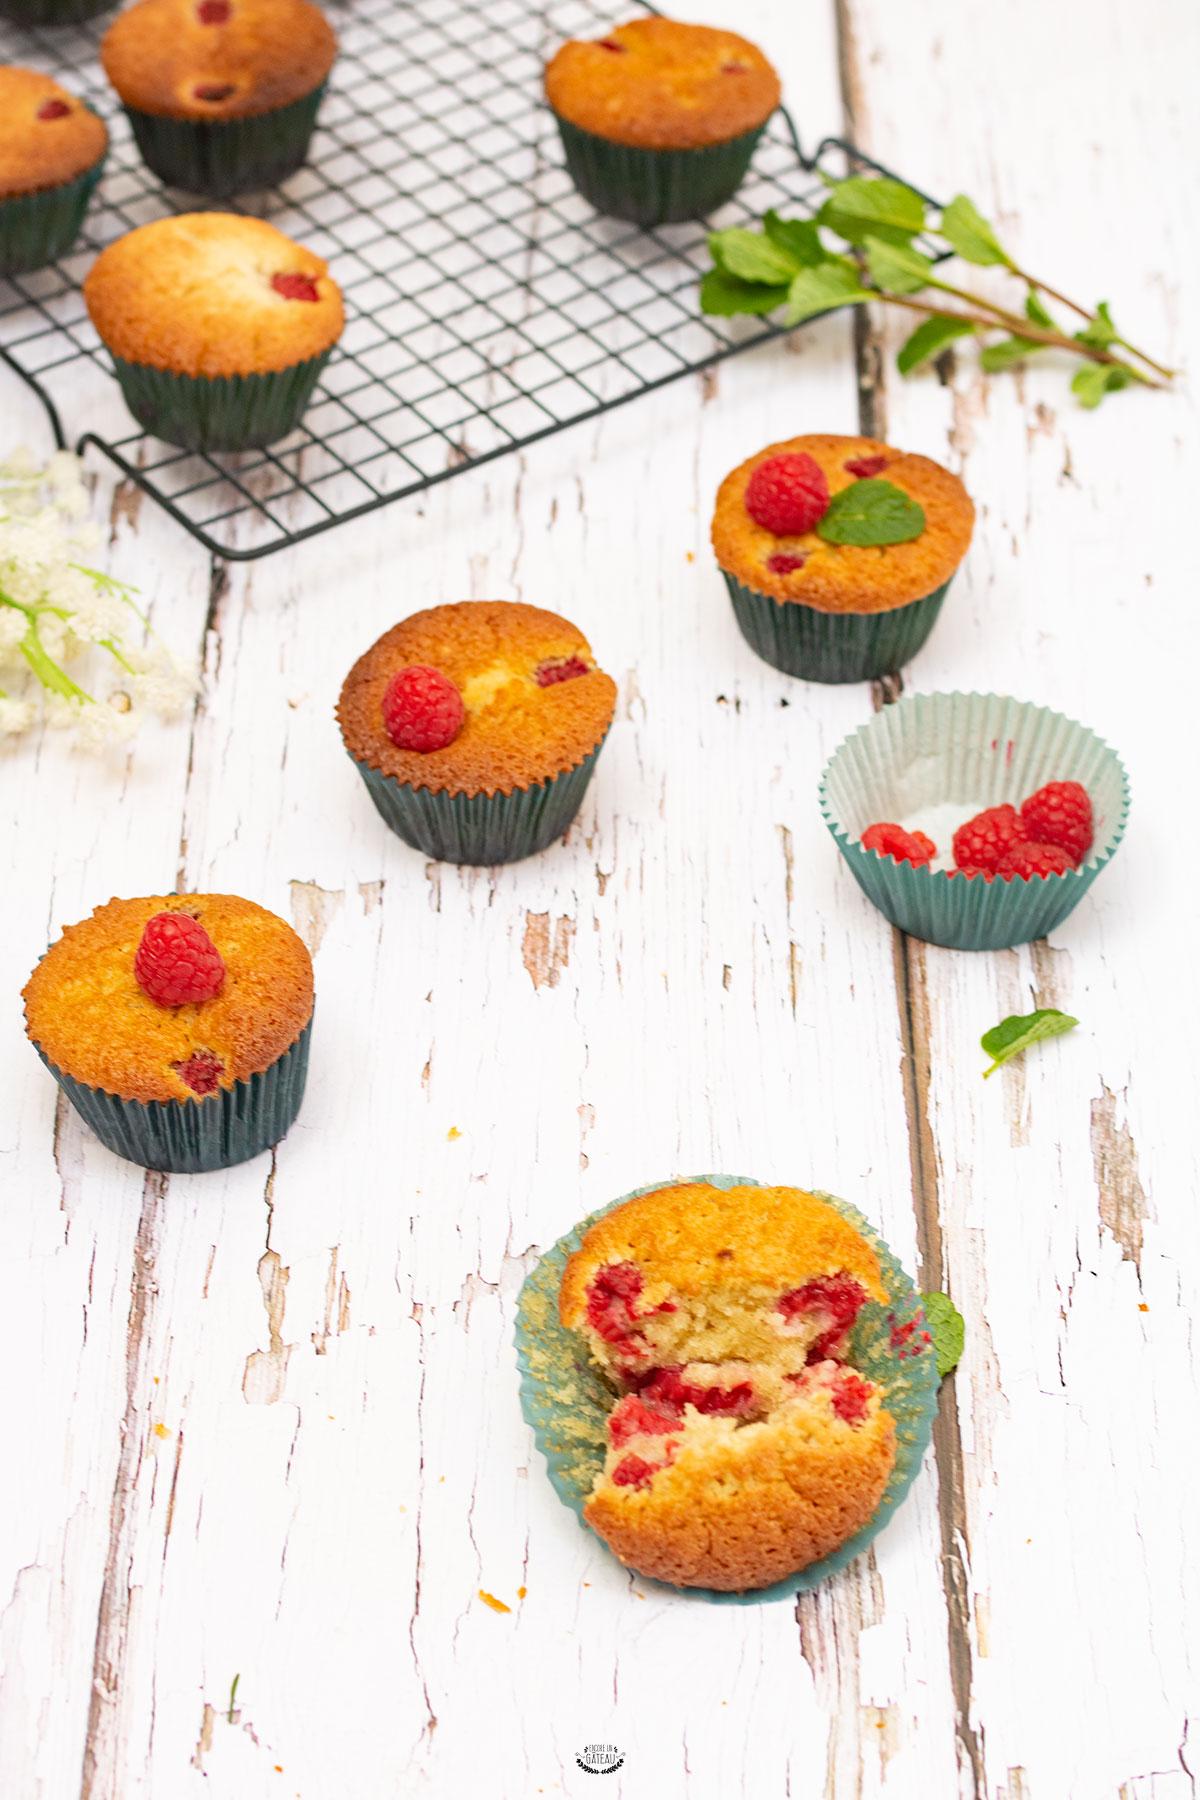 recette facile de muffins aux framboises